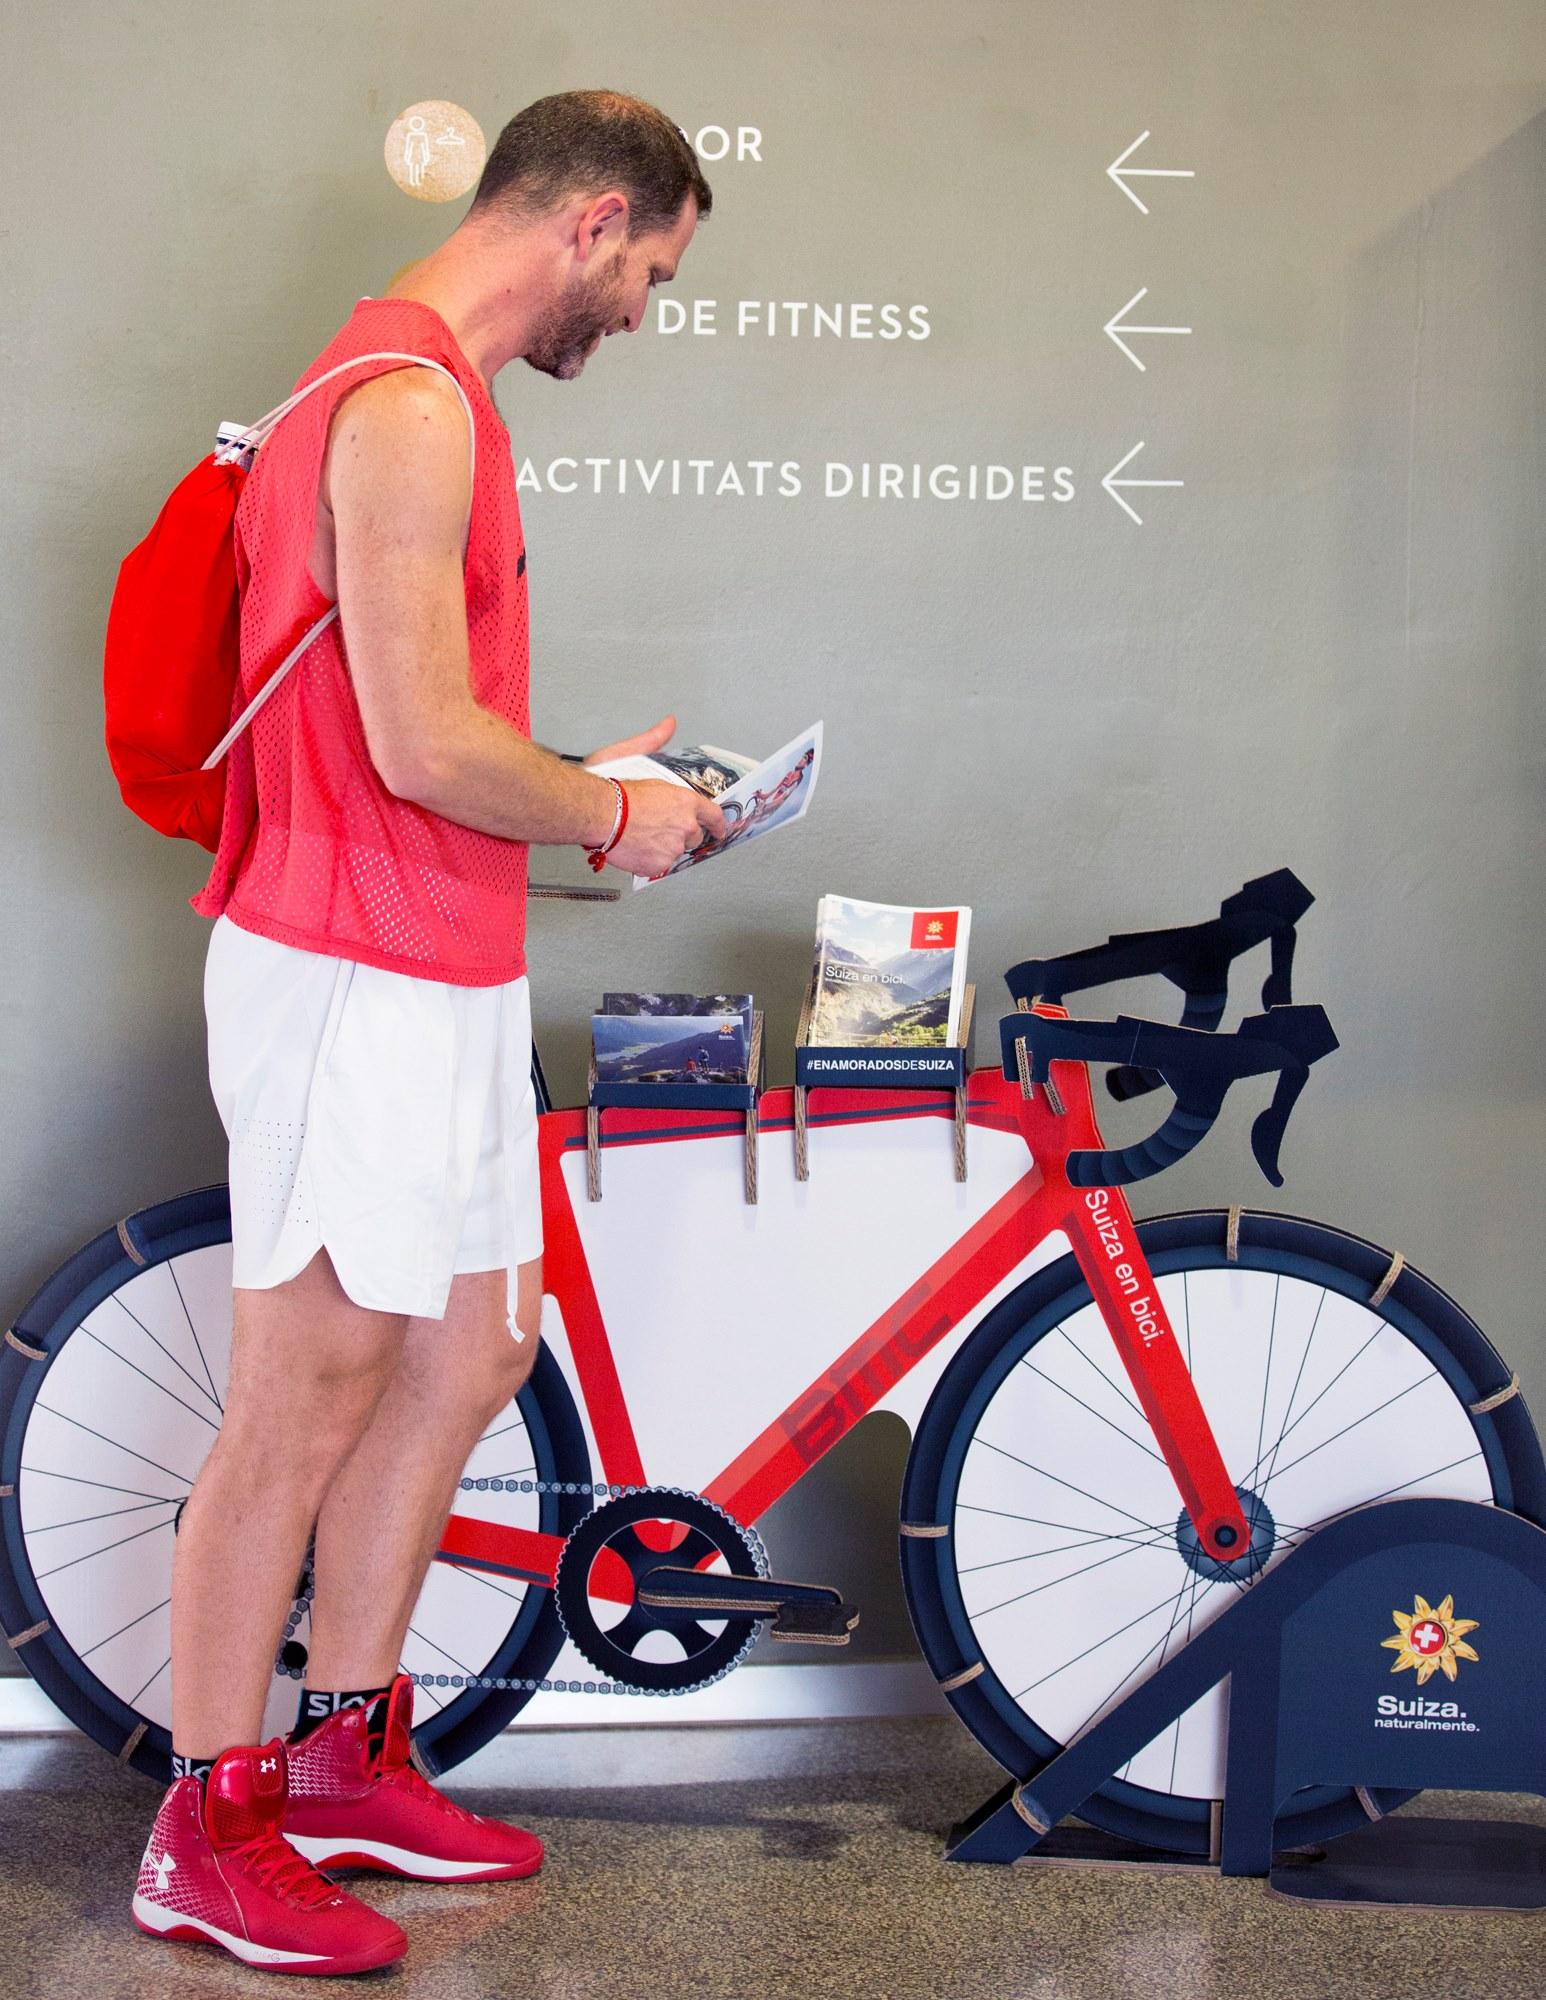 expositor portafolletos porta folletos bicicleta carton gimnasio holmes madrid barcelona oficina turismo suiza